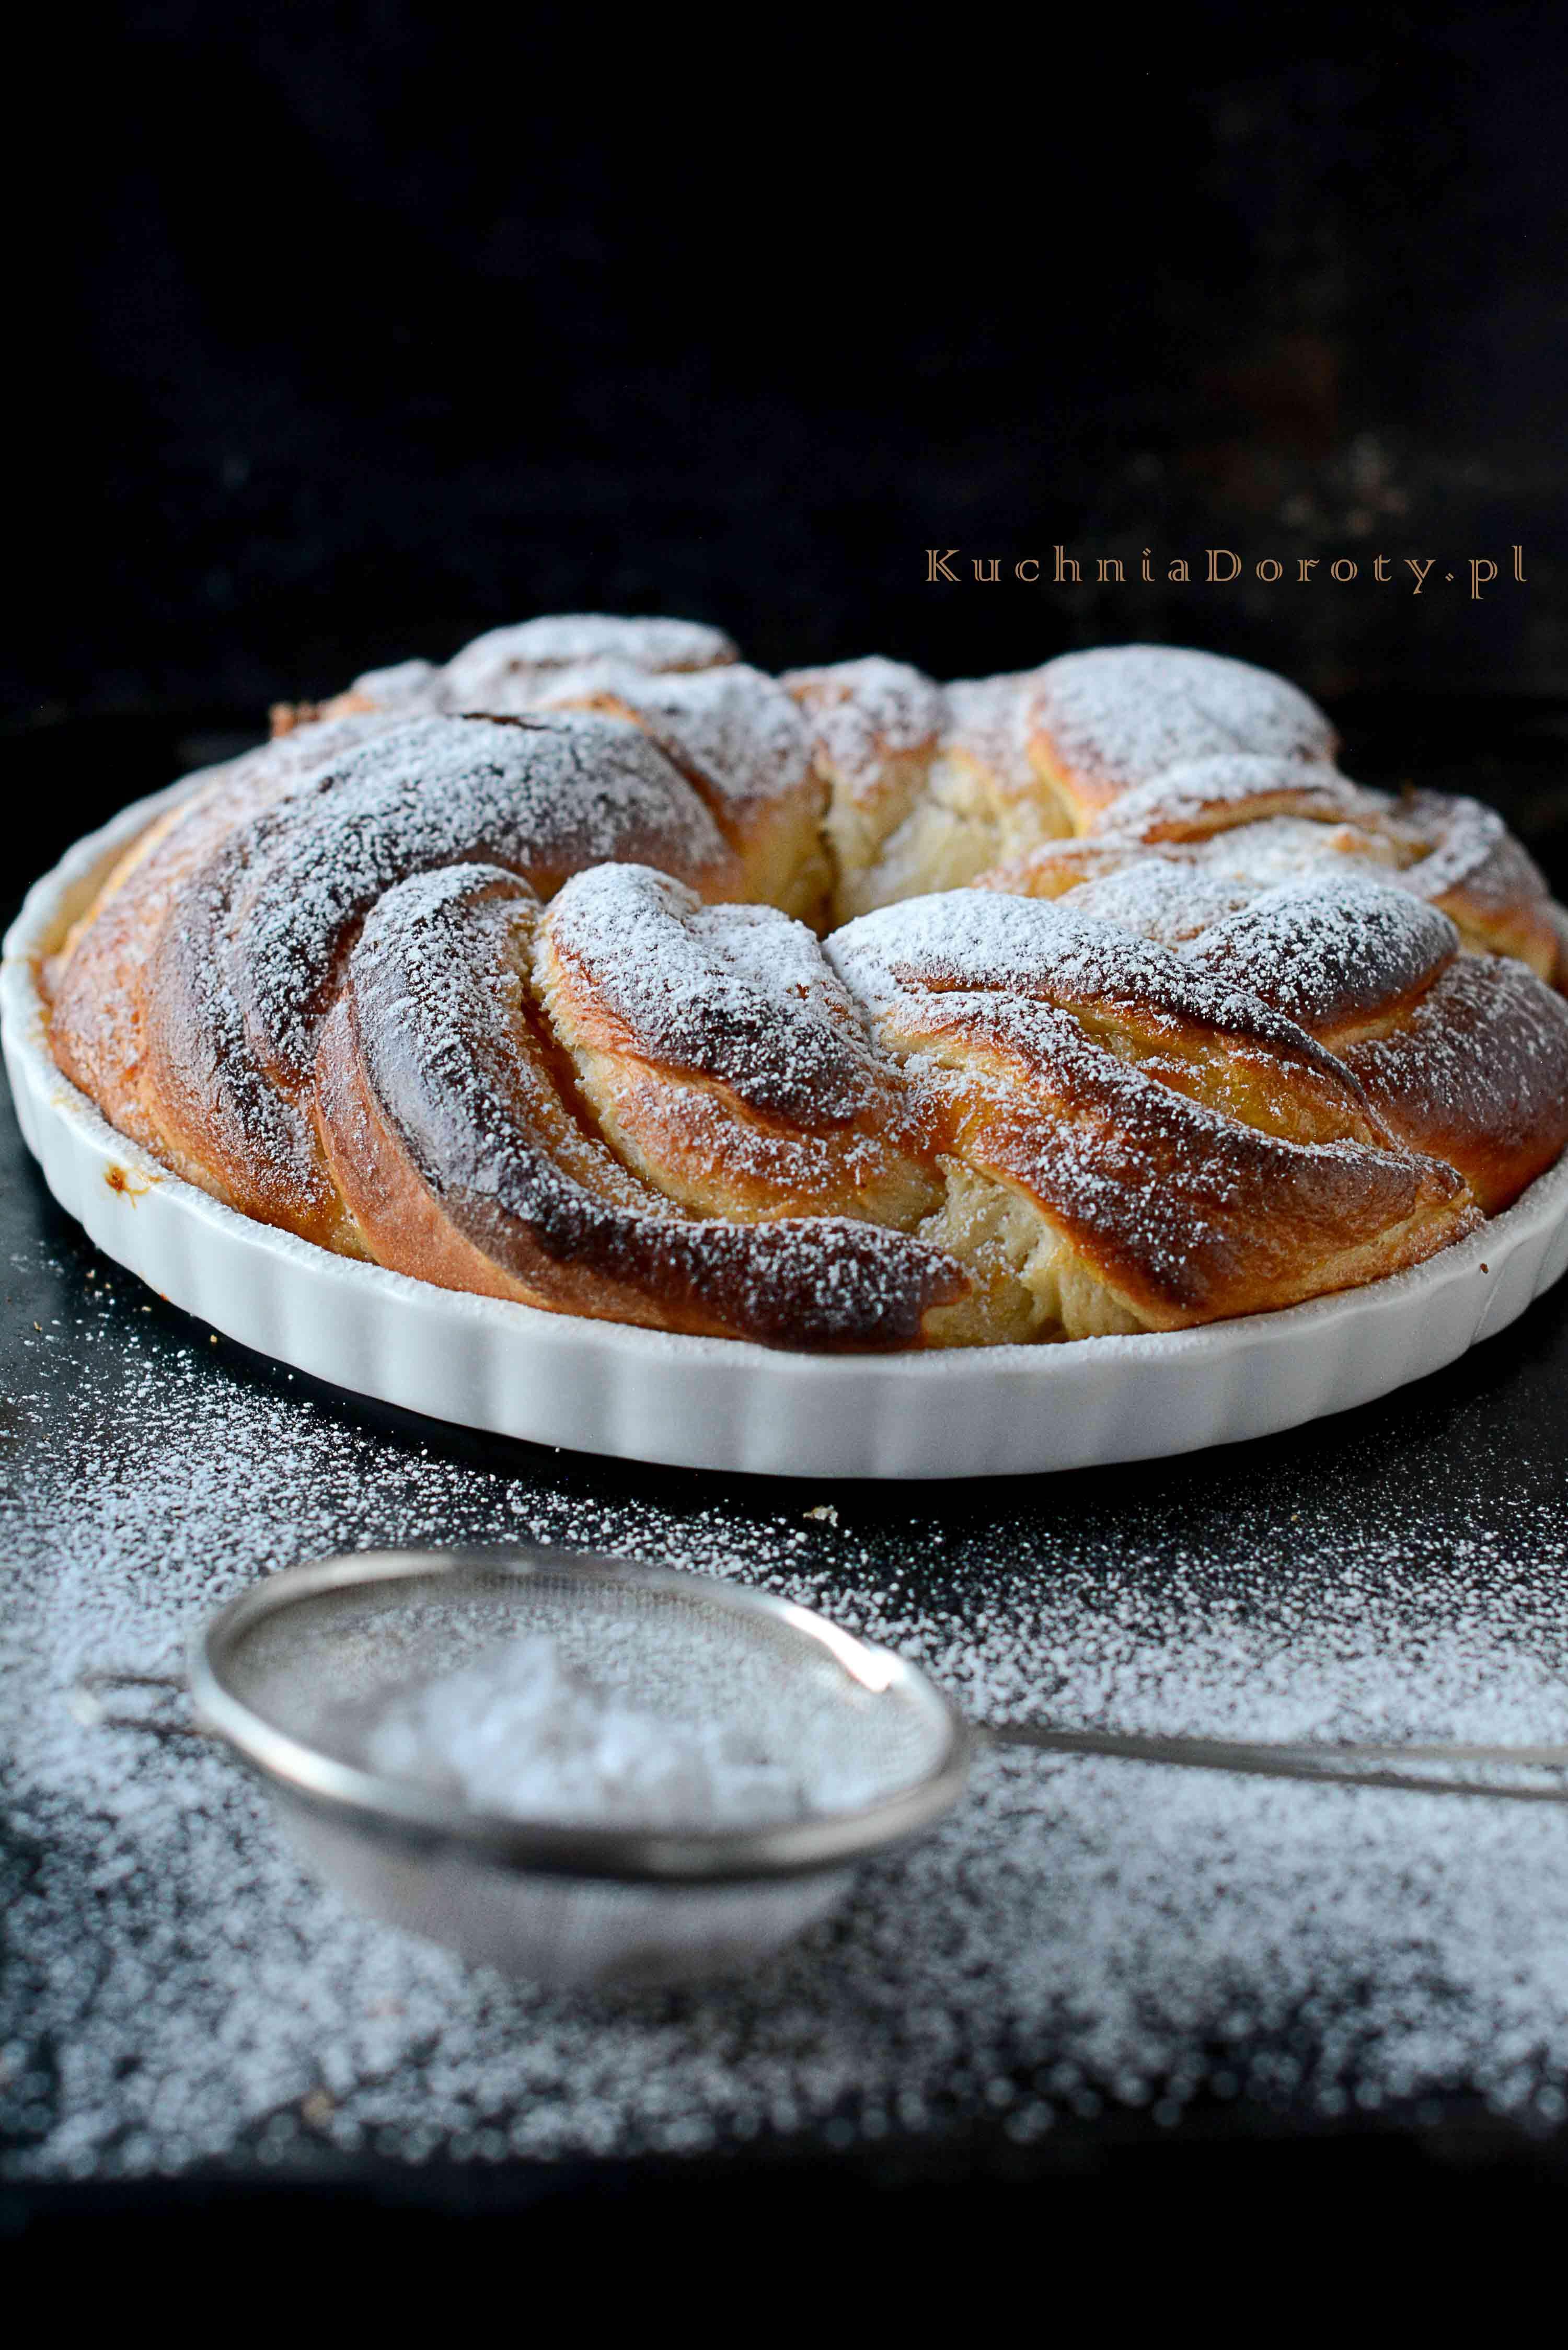 ciasto drożdżowe, ciasto drożdżowe przepis, ciasto drożdżowe przepisy, przepisy naciasto drożdżowe, szybkie ciasto drożdżowe, szybkie ciasto drożdżowe przepis, łatwe ciasto drożdżowe, chałka, chałka drożdżowa, chałka drożdżowa przepis, przepis nachałkę drożdżową, chałka przepisy, przepis nachałkę drożdżową, łatwa chałka drożdżowa, przepis nałatwą chałkę, chałka przepisy, ciasto naświęta, ciasto naświęta przepisy, ciasta naświęta, ciasta naświęta przepis, święta przepisy, święta przepisy, święta kwestia smaku, ciasta naświęta przepisy, kwestia smaku przepisy, mojewypieki przepisy, ciasta mojewypieki,